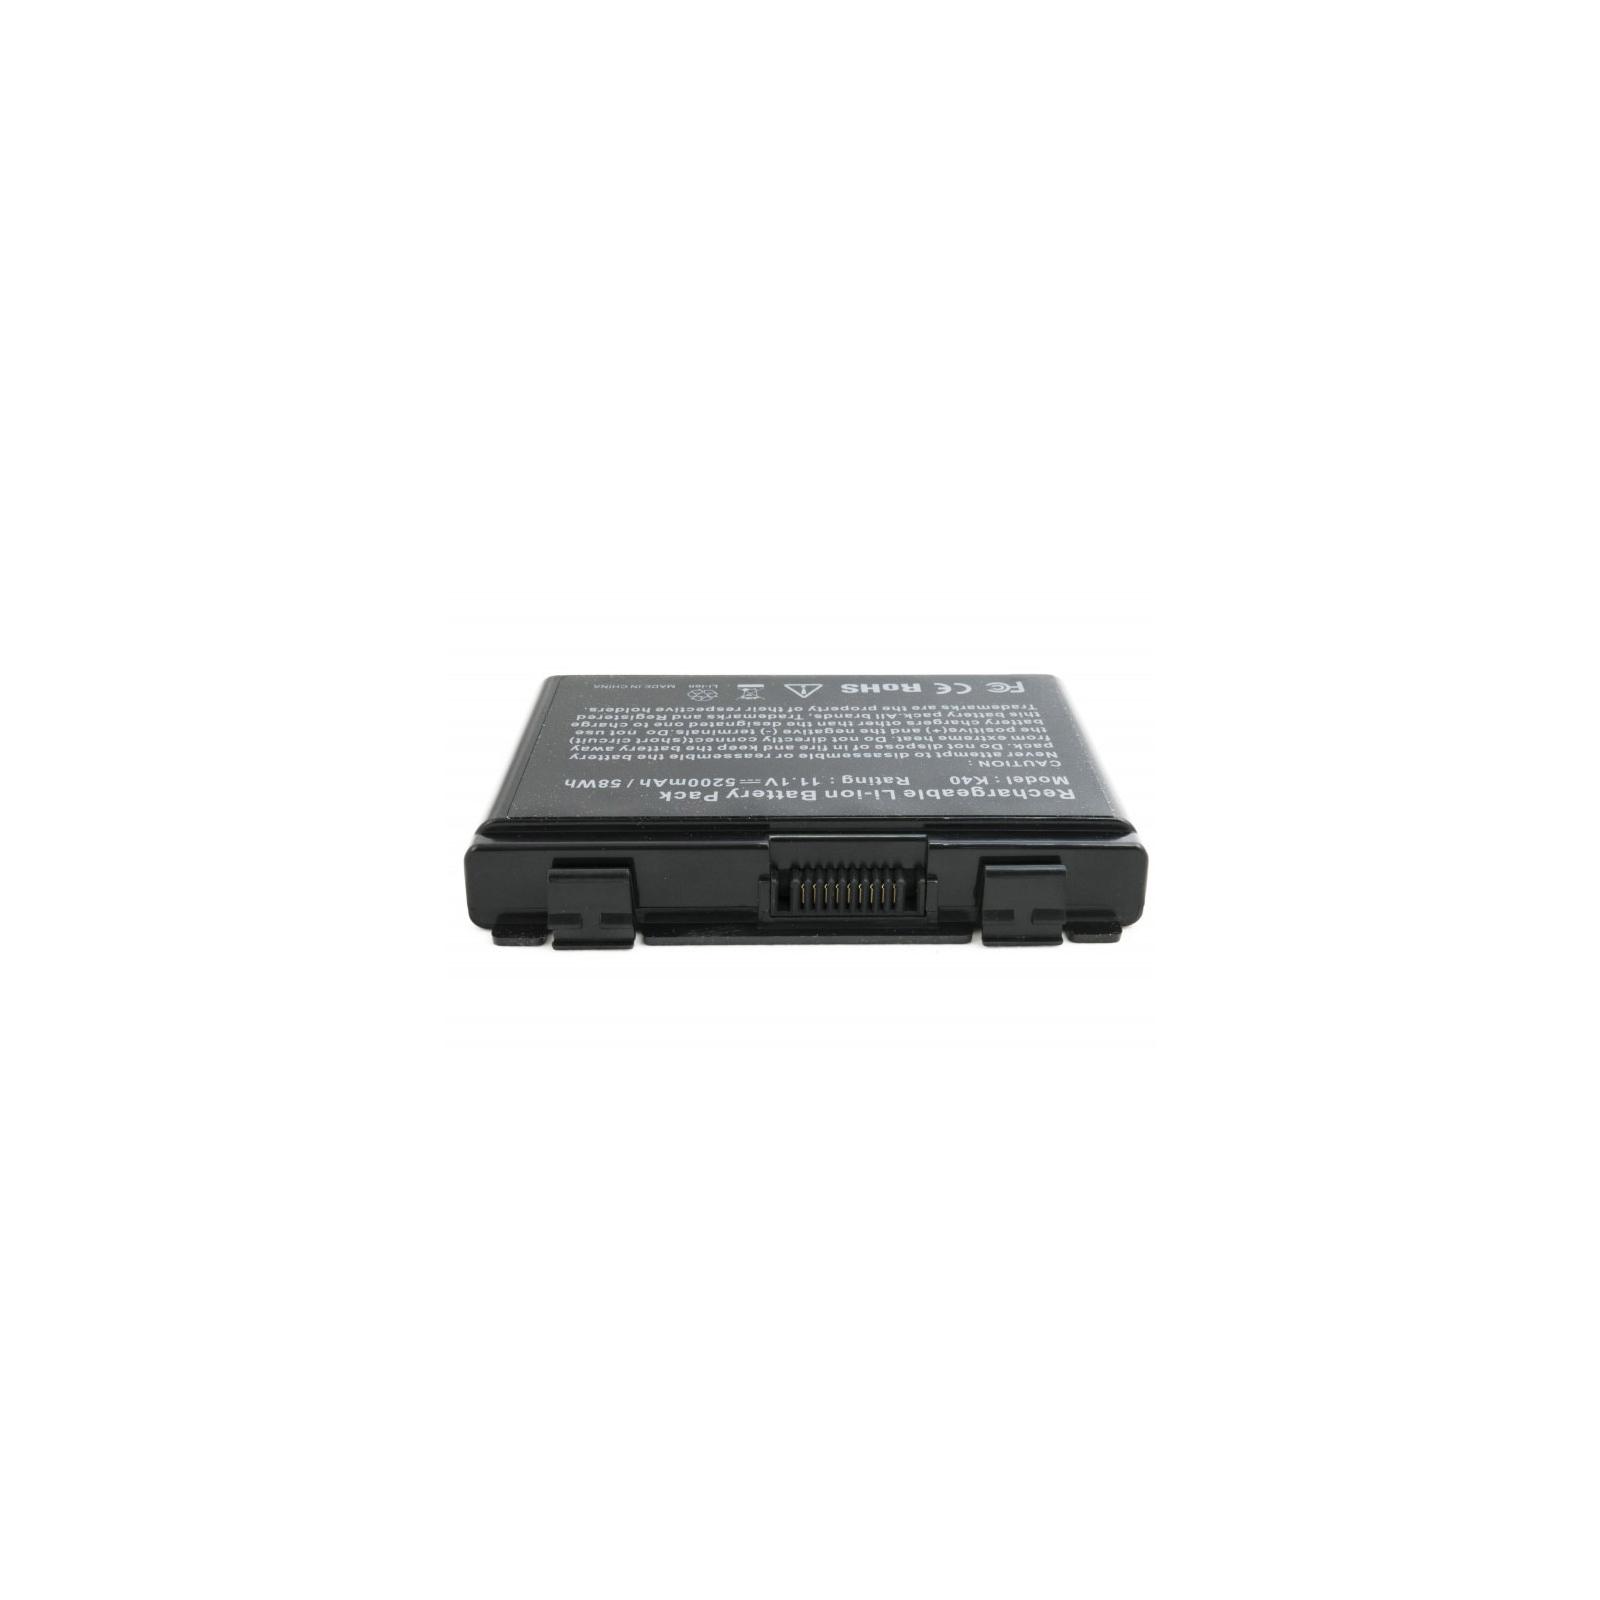 Аккумулятор для ноутбука Asus K40 (A32-F82) 5200 mAh EXTRADIGITAL (BNA3927) изображение 3